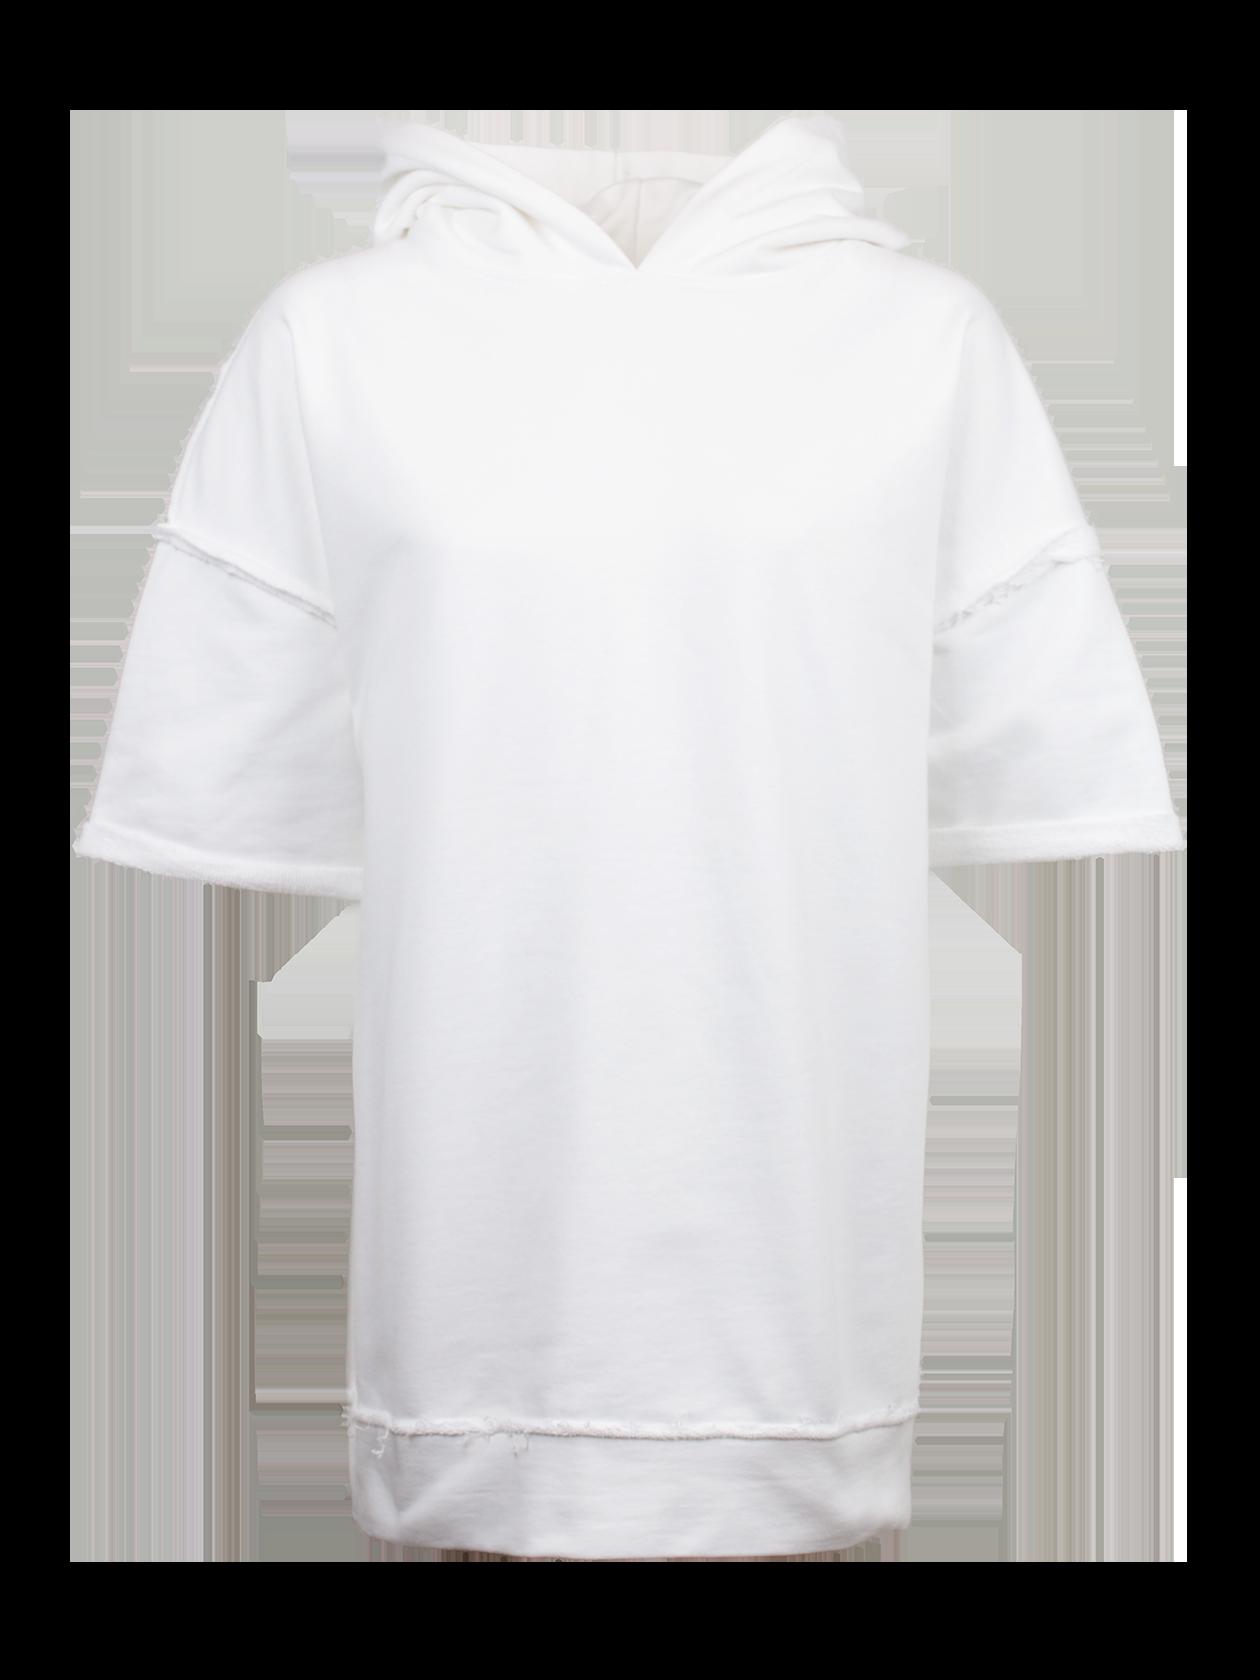 Худи женская OUTWARDSОригинальная худи женская Outwards из коллекции Black Star Wear поможет в создании стильного лука на каждый день. Модель нестандартного удлиненного кроя со спущенной линией плеча, переходящей в небольшой широкий рукав. Изделие дополнено капюшоном. По низу оформлена широкая вставка из основного материала. Худи выполнена из 100% хлопка премиального качества, представлена в базовой белой расцветке. Декоративные элементы – швы «наизнанку» на рукаве и в нижней части вещи.<br><br>Размер: S<br>Цвет: Белый<br>Пол: Женский